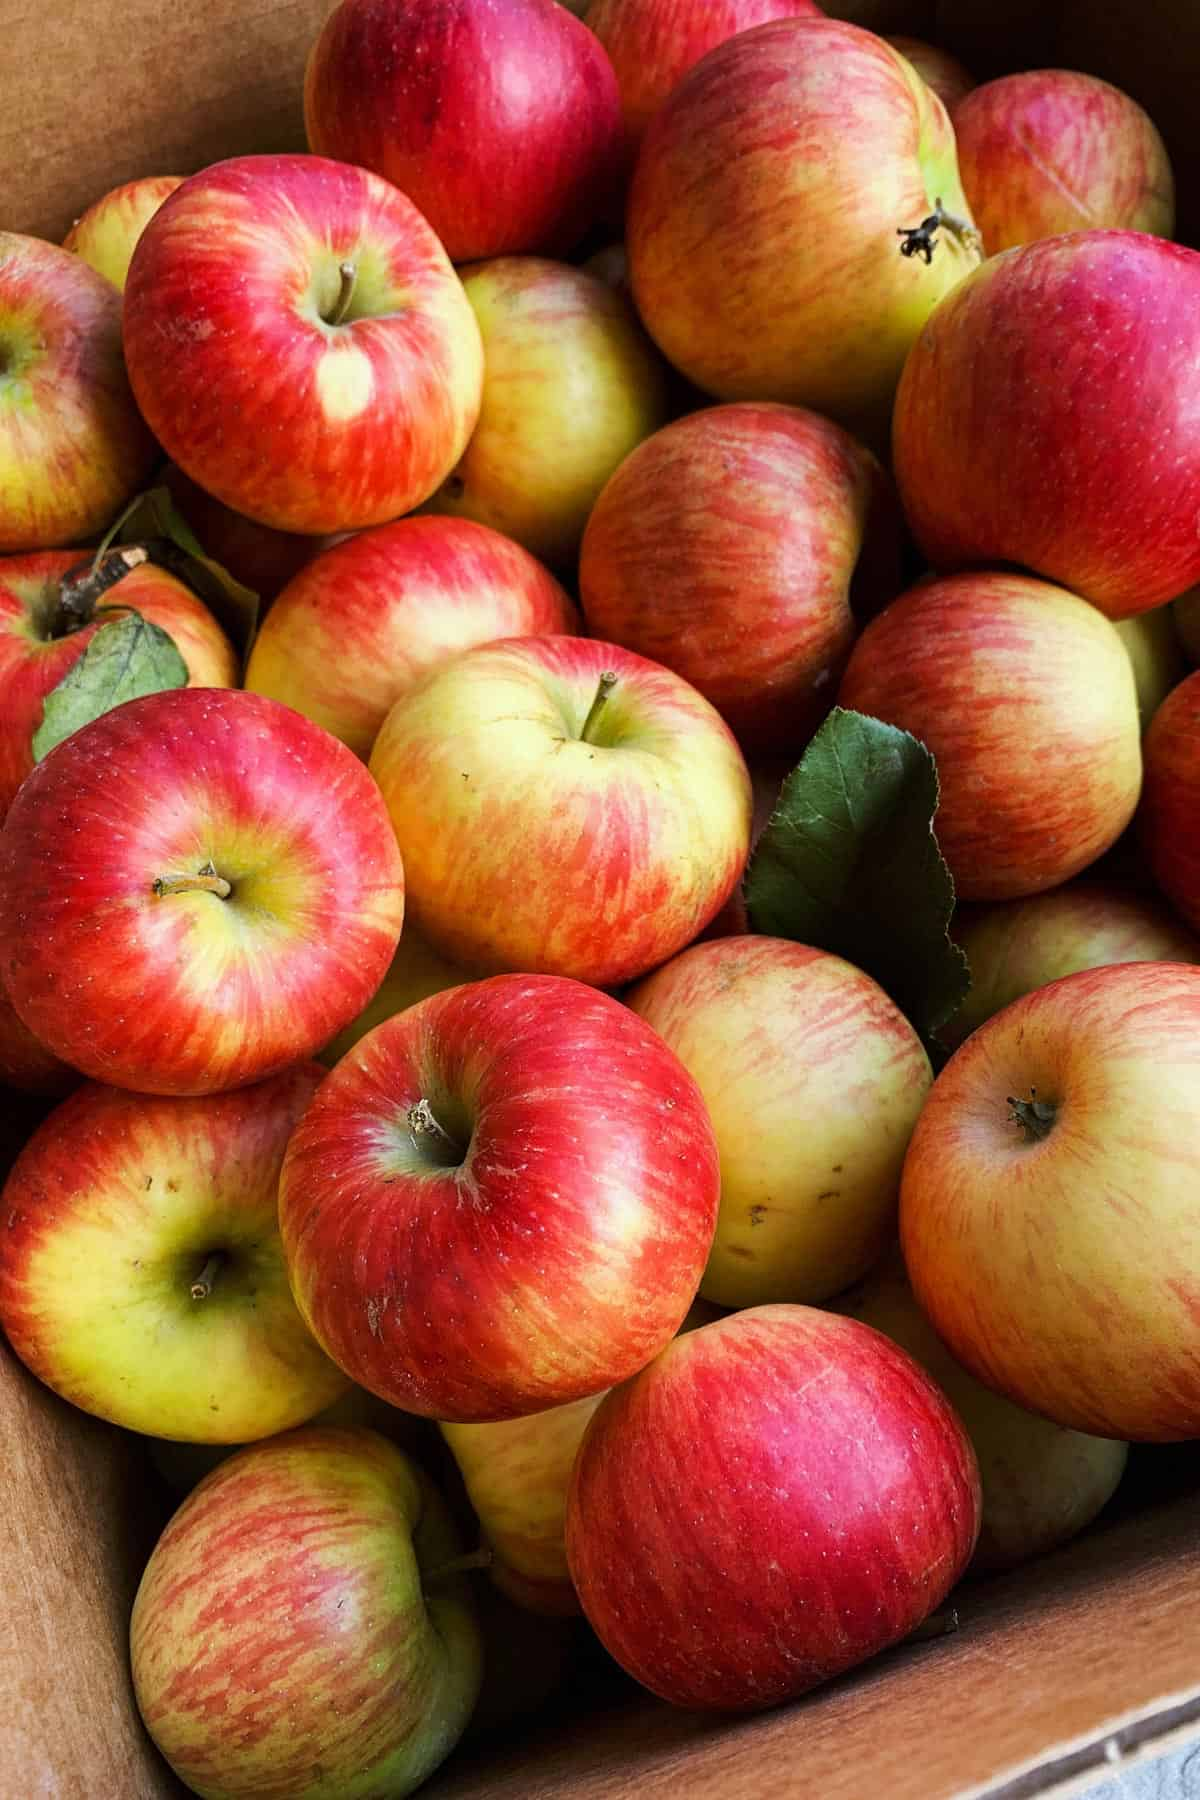 a box of Honeycrisp apples